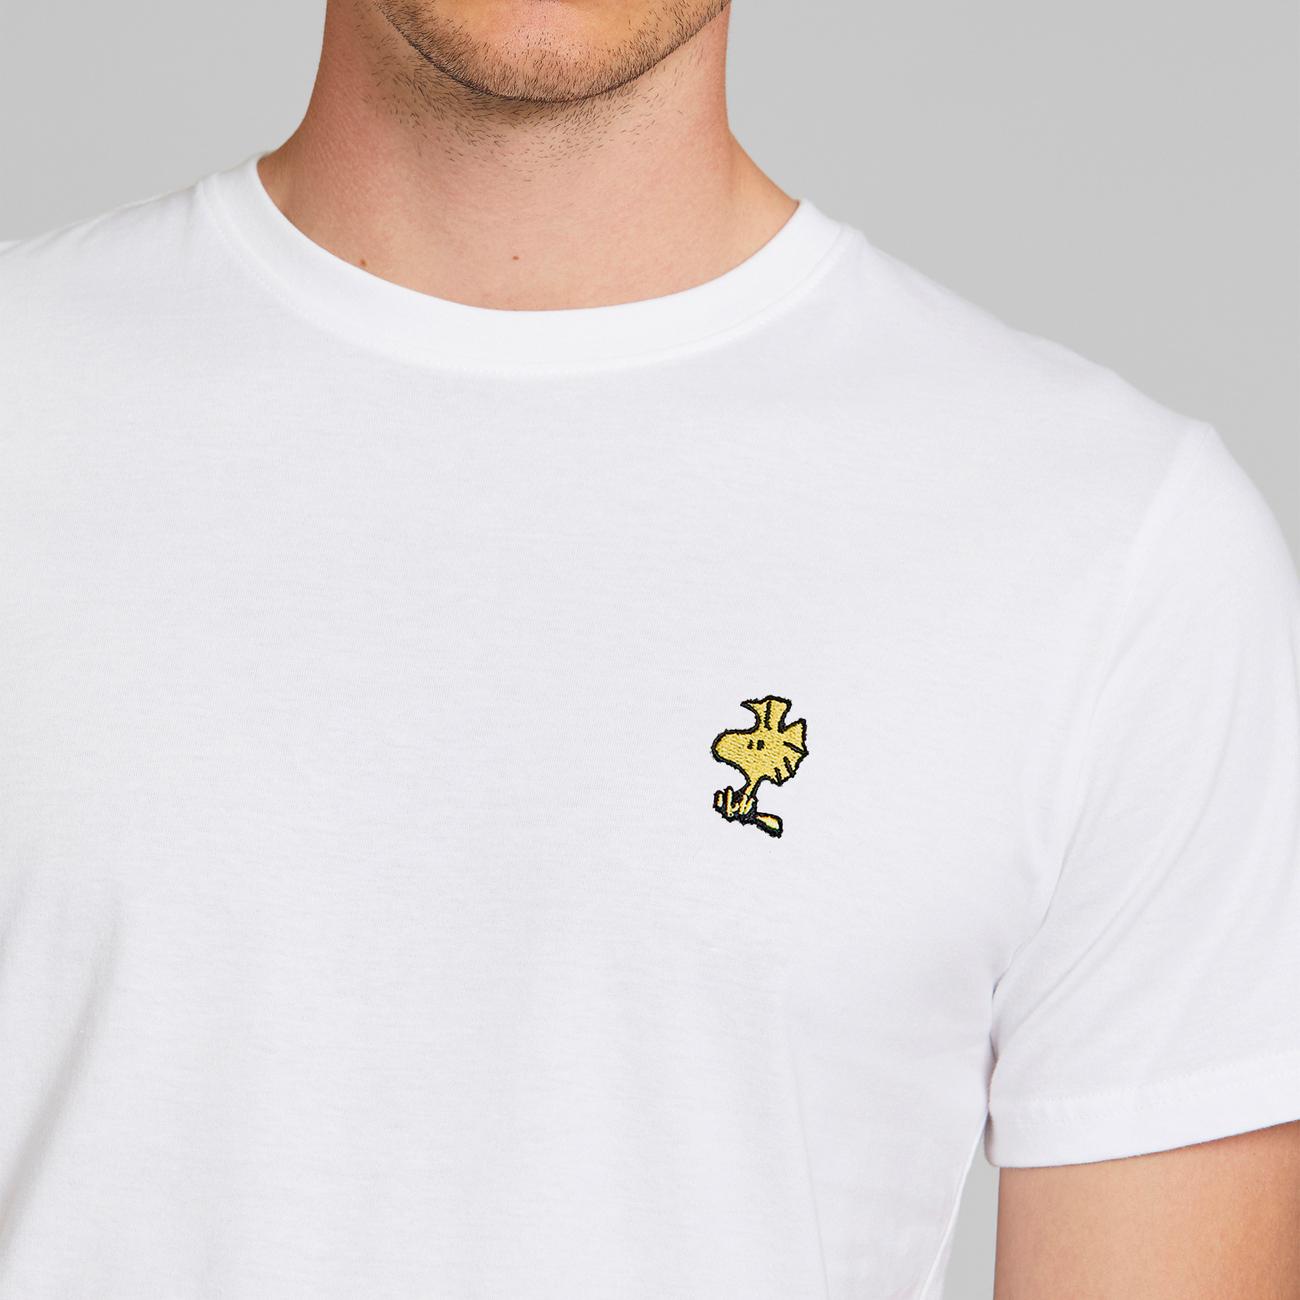 T-shirt Stockholm Woodstock White